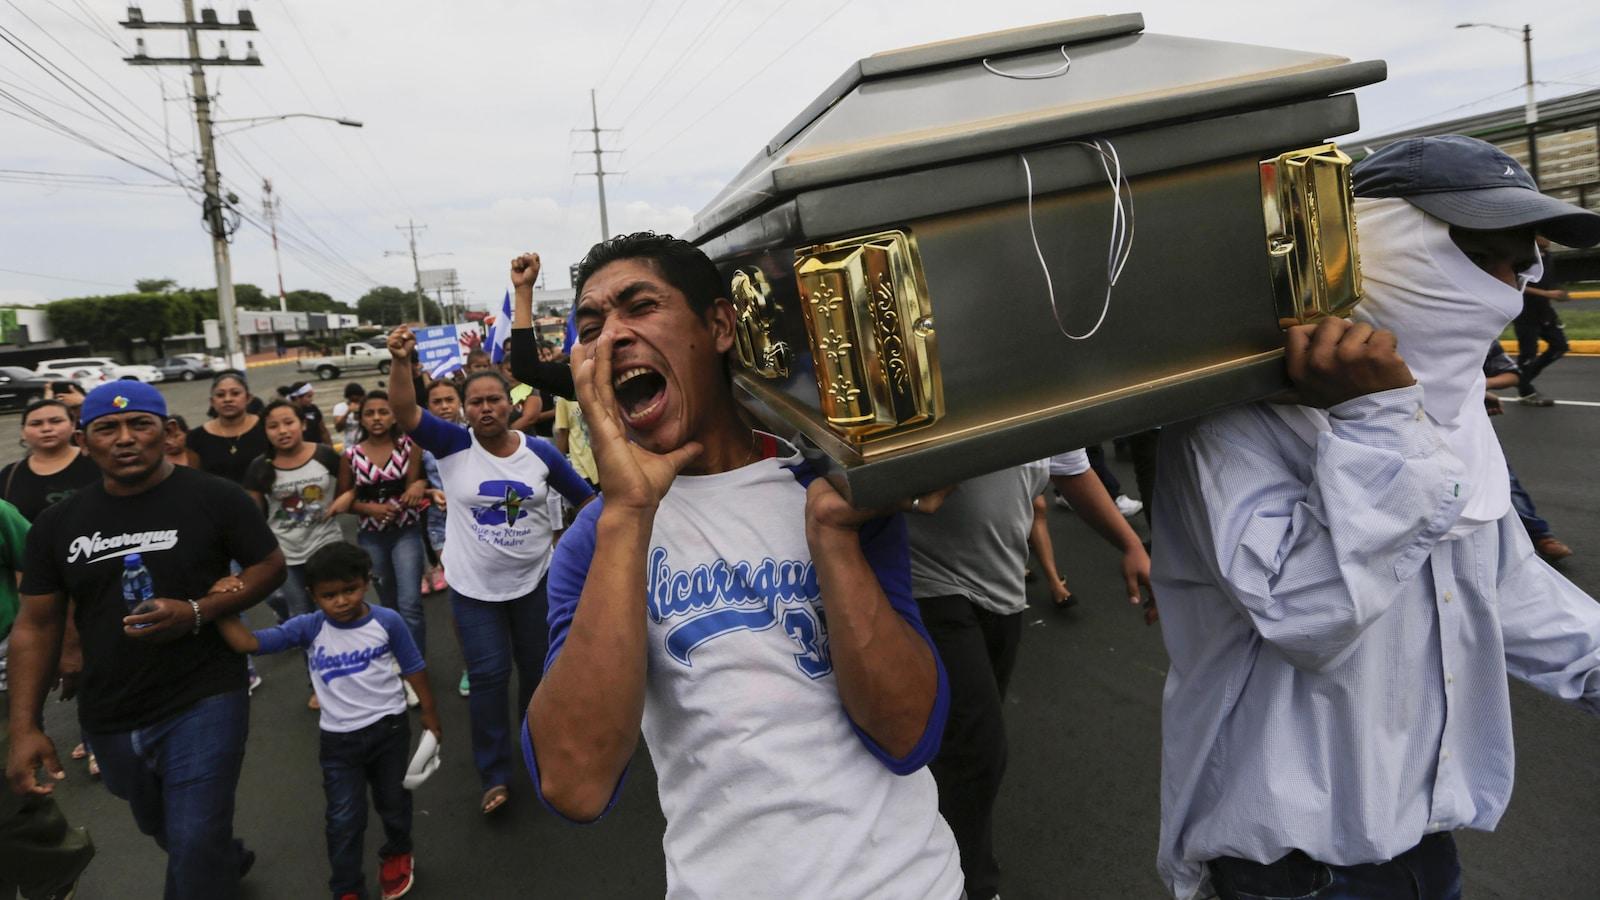 Des gens transportent un cercueil en criant dans la rue.